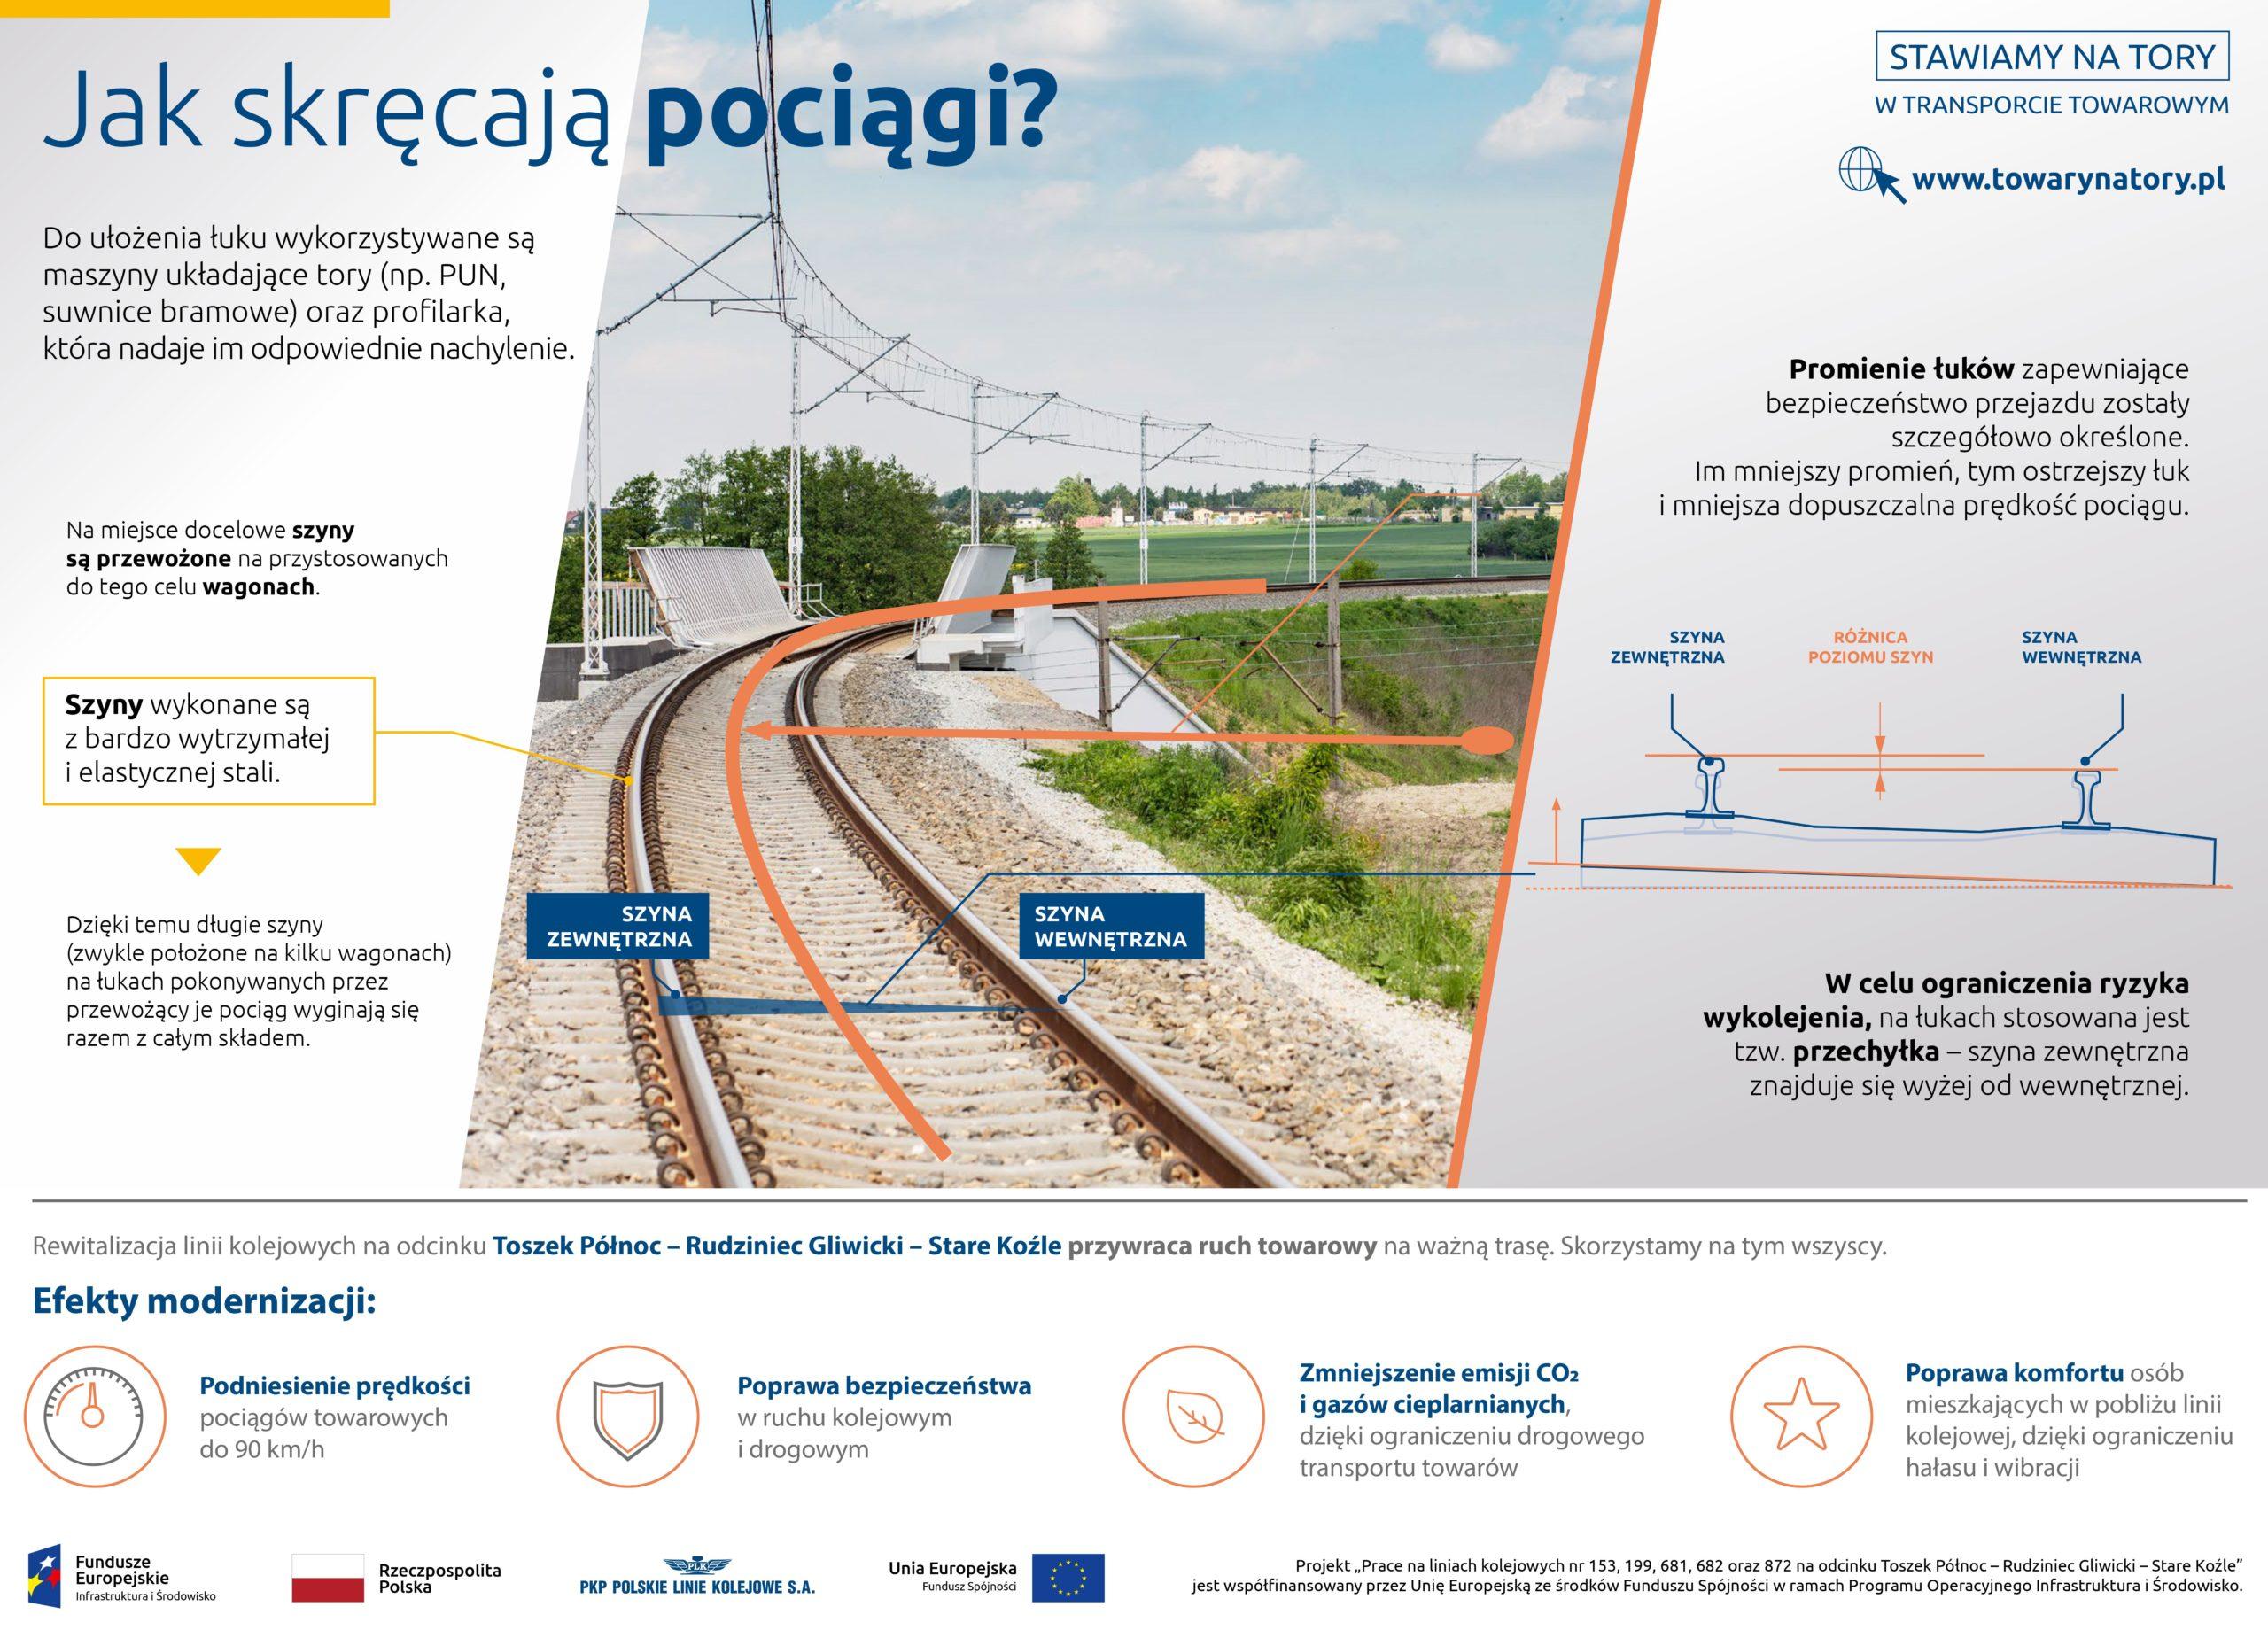 Infografika: jak skręcają pociągi, stosowna jest przechyłka czyli szyna wewnętrzna łuku jest ustawiona niżej.